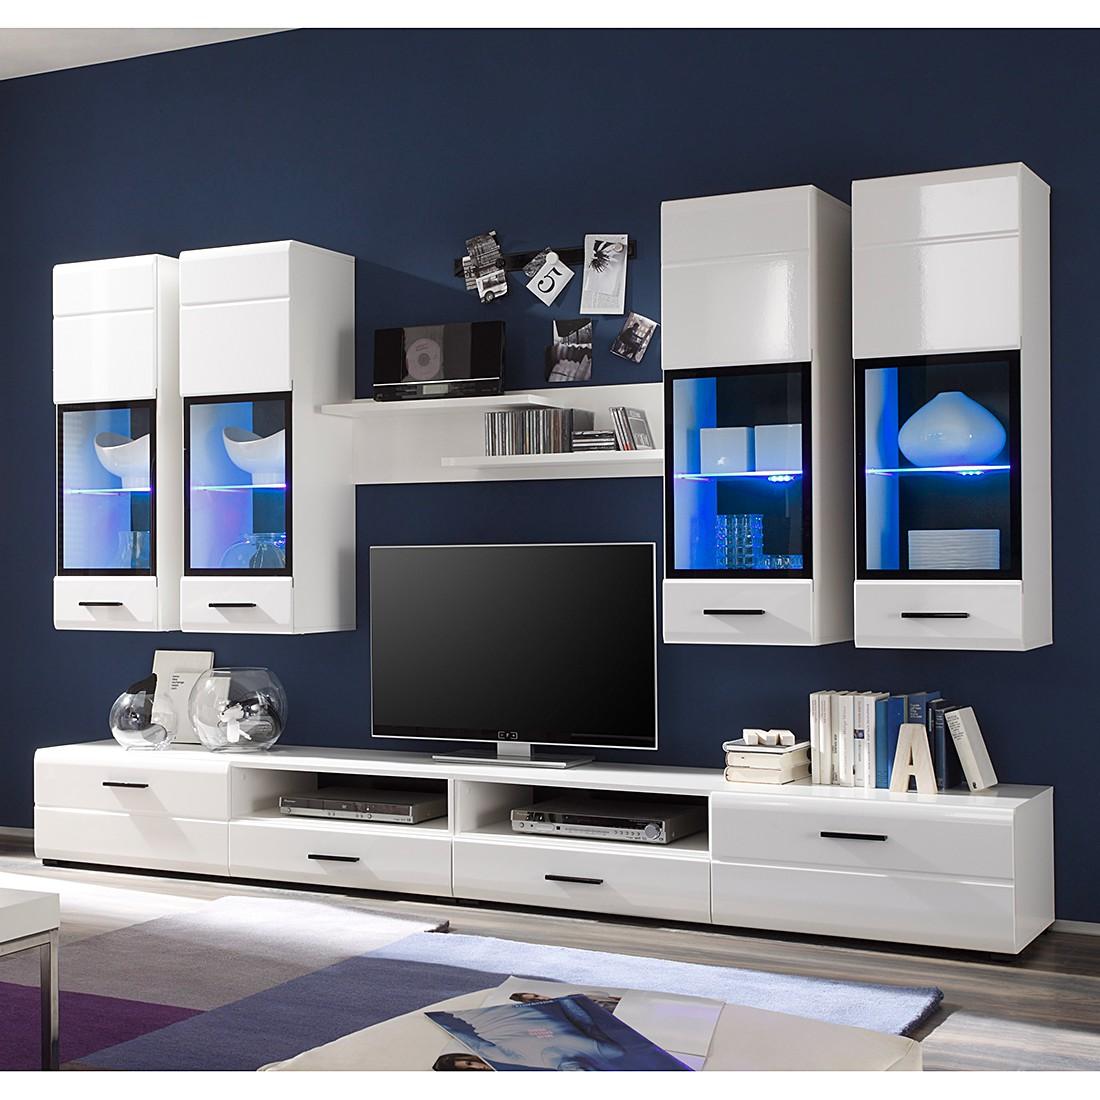 EEK A+, Wohnwand Marcello (7-teilig) – inkl. Beleuchtung – Hochglanz Weiß/Weiß, roomscape online kaufen